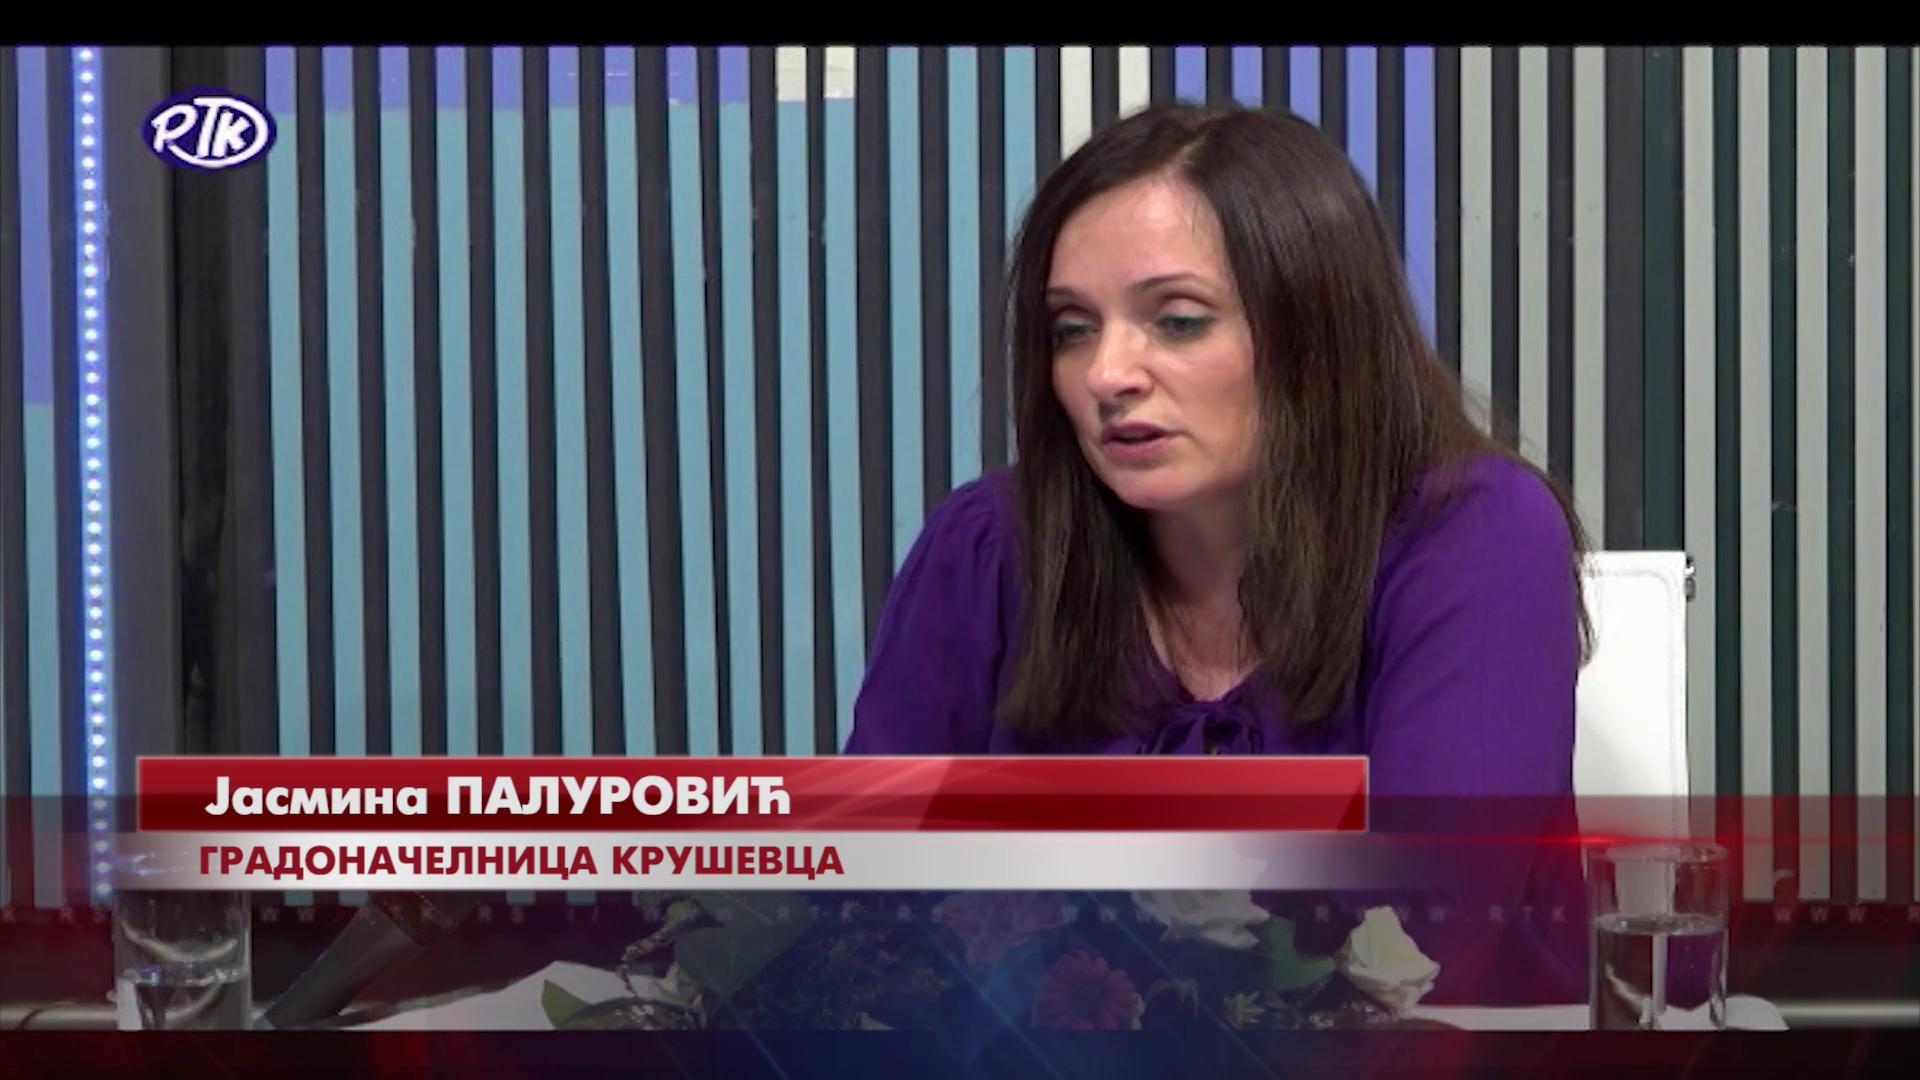 RAZGOVOR S POVODOM: Gradonačelnica Jasmina Palurović